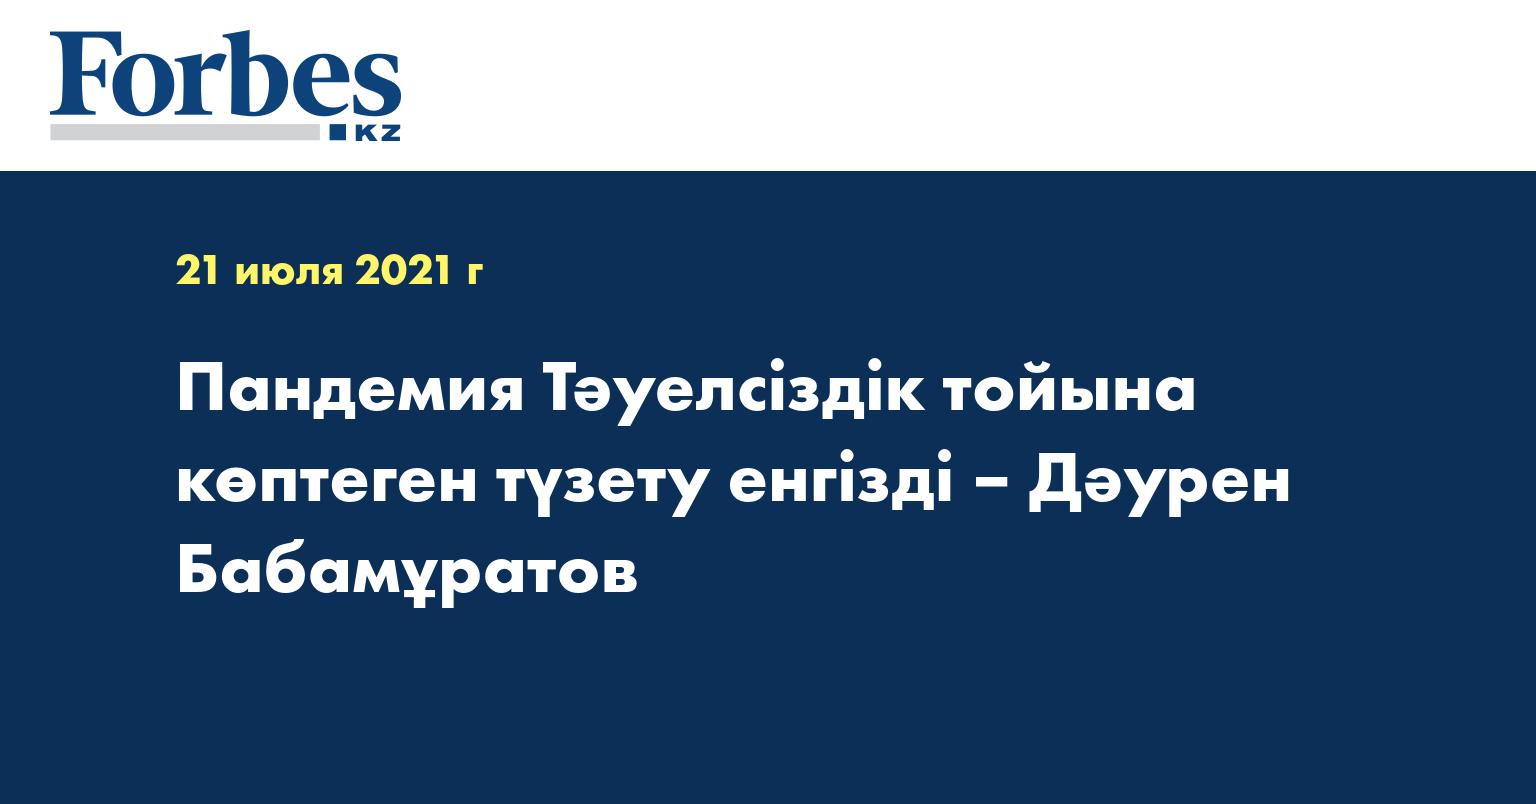 Пандемия Тәуелсіздік тойына көптеген түзету енгізді – Дәурен Бабамұратов